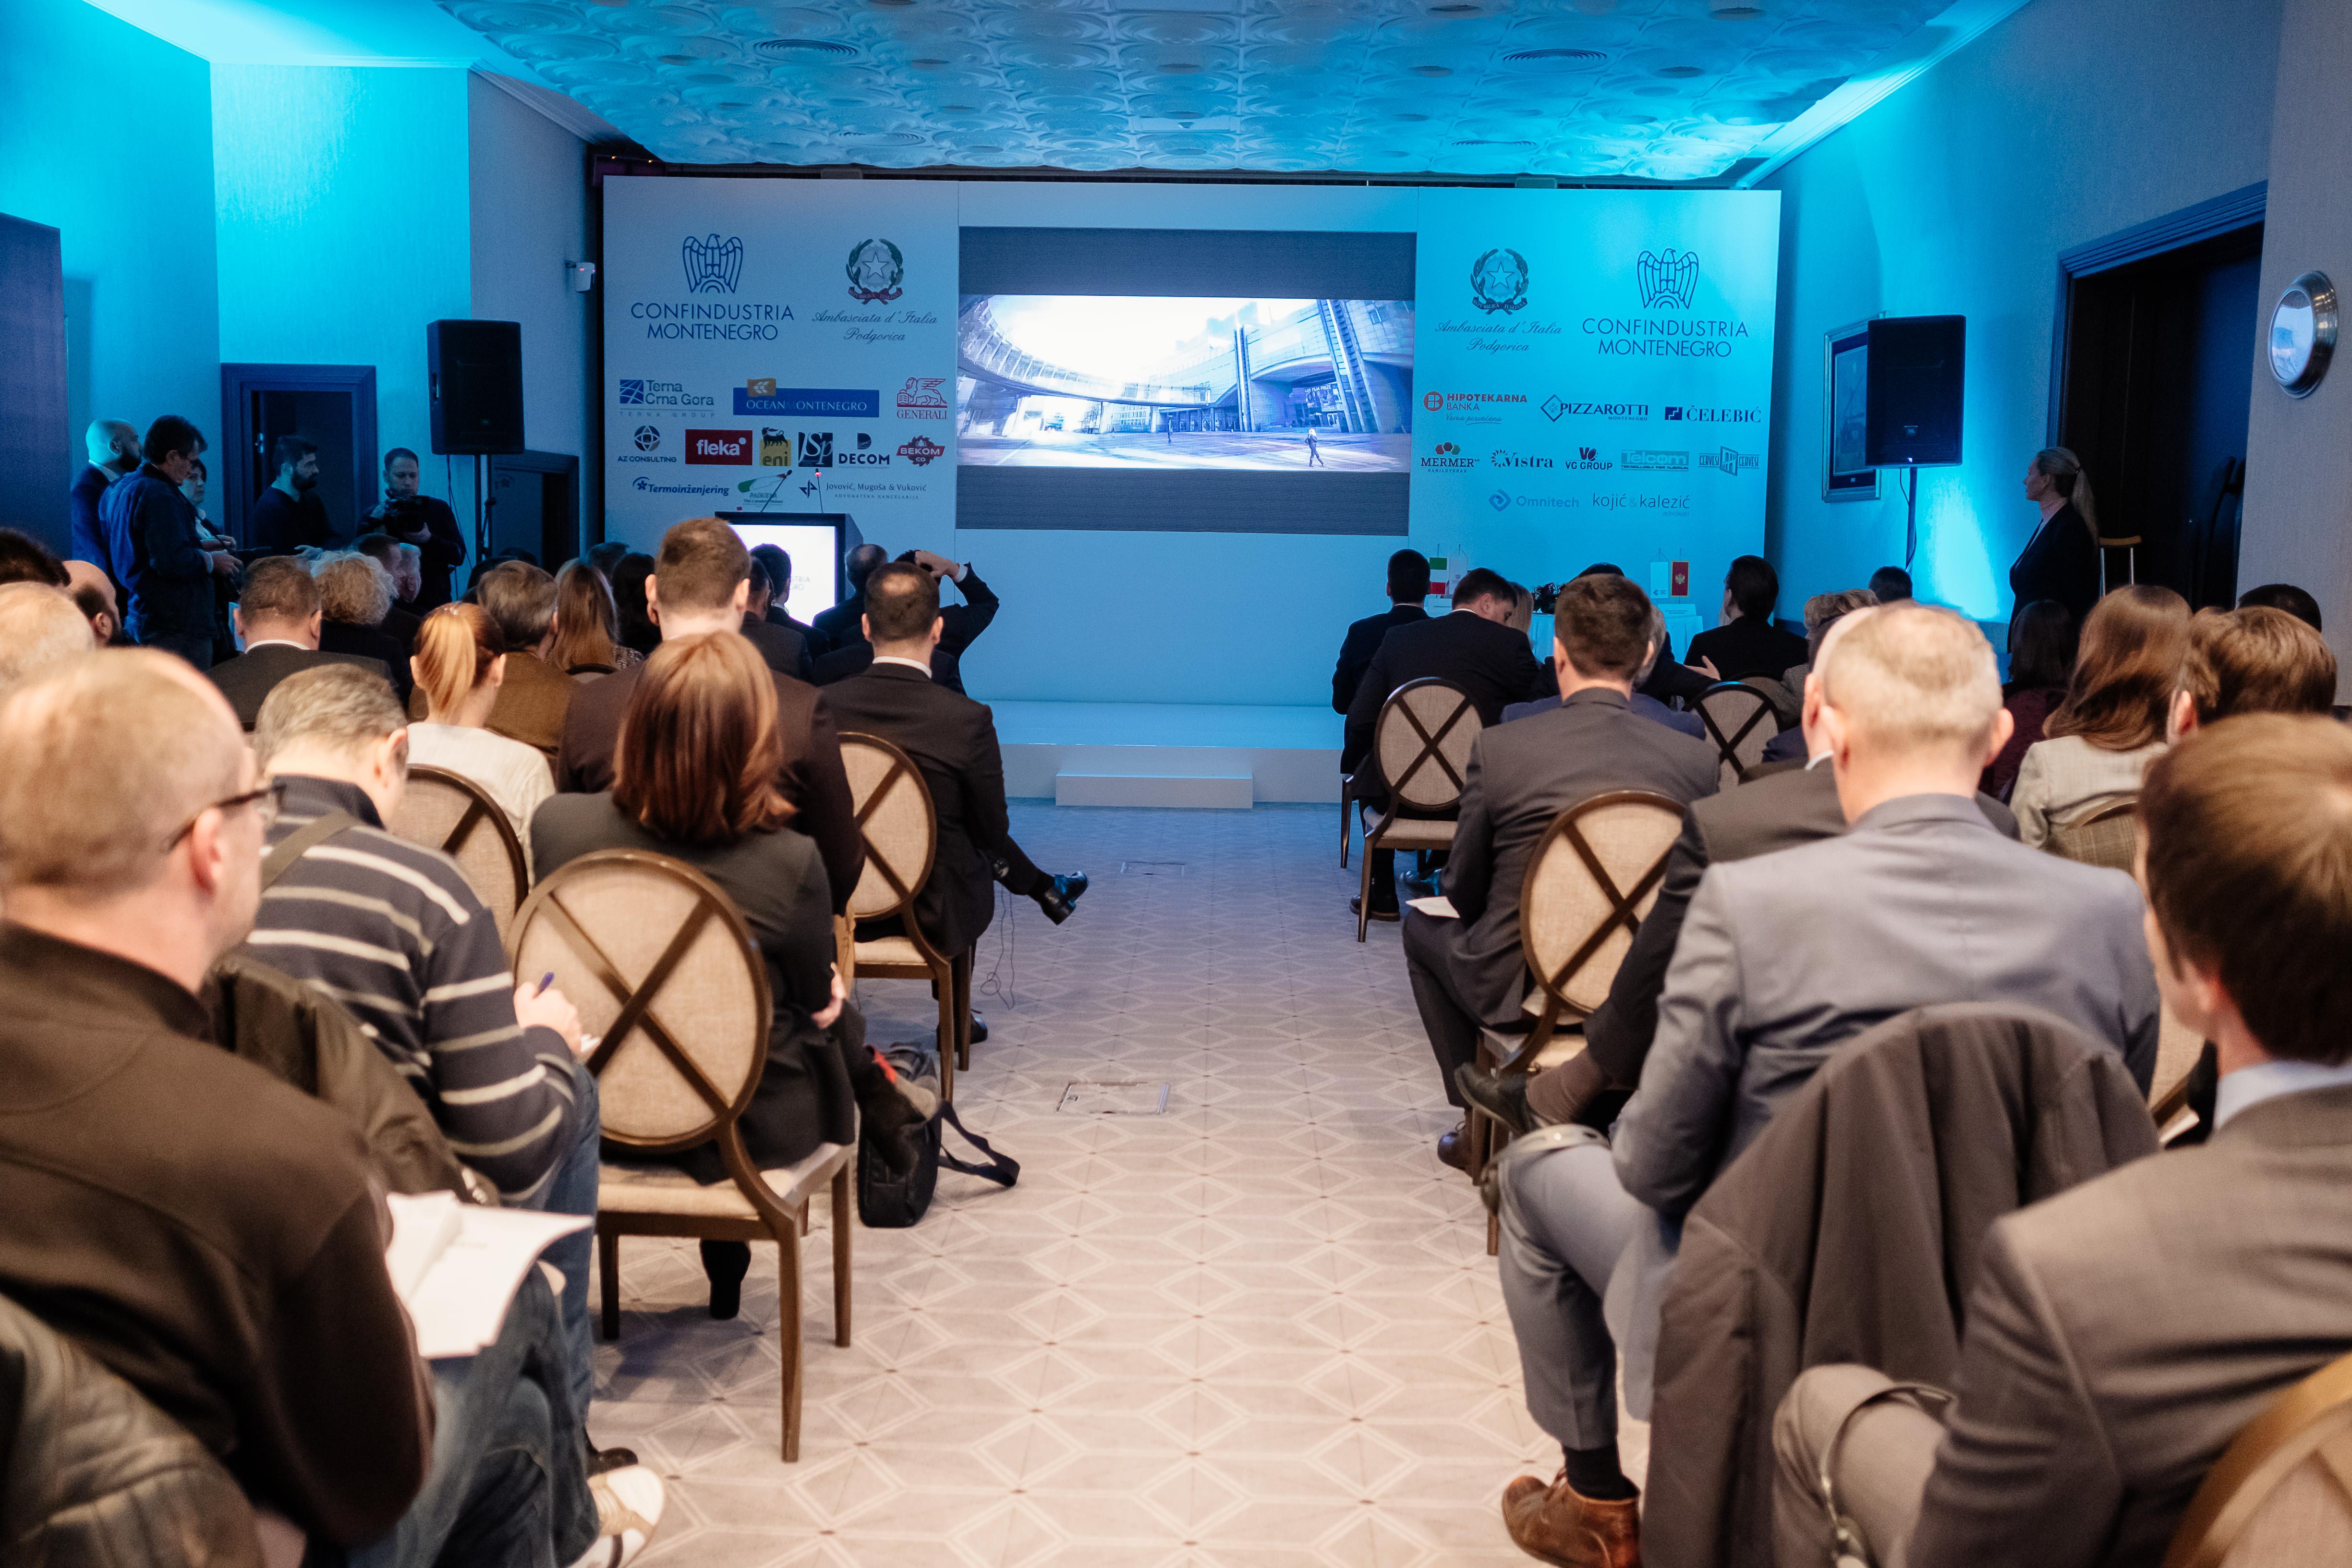 Evento presentazione Confindustria Montenegro, dicembre 2018.